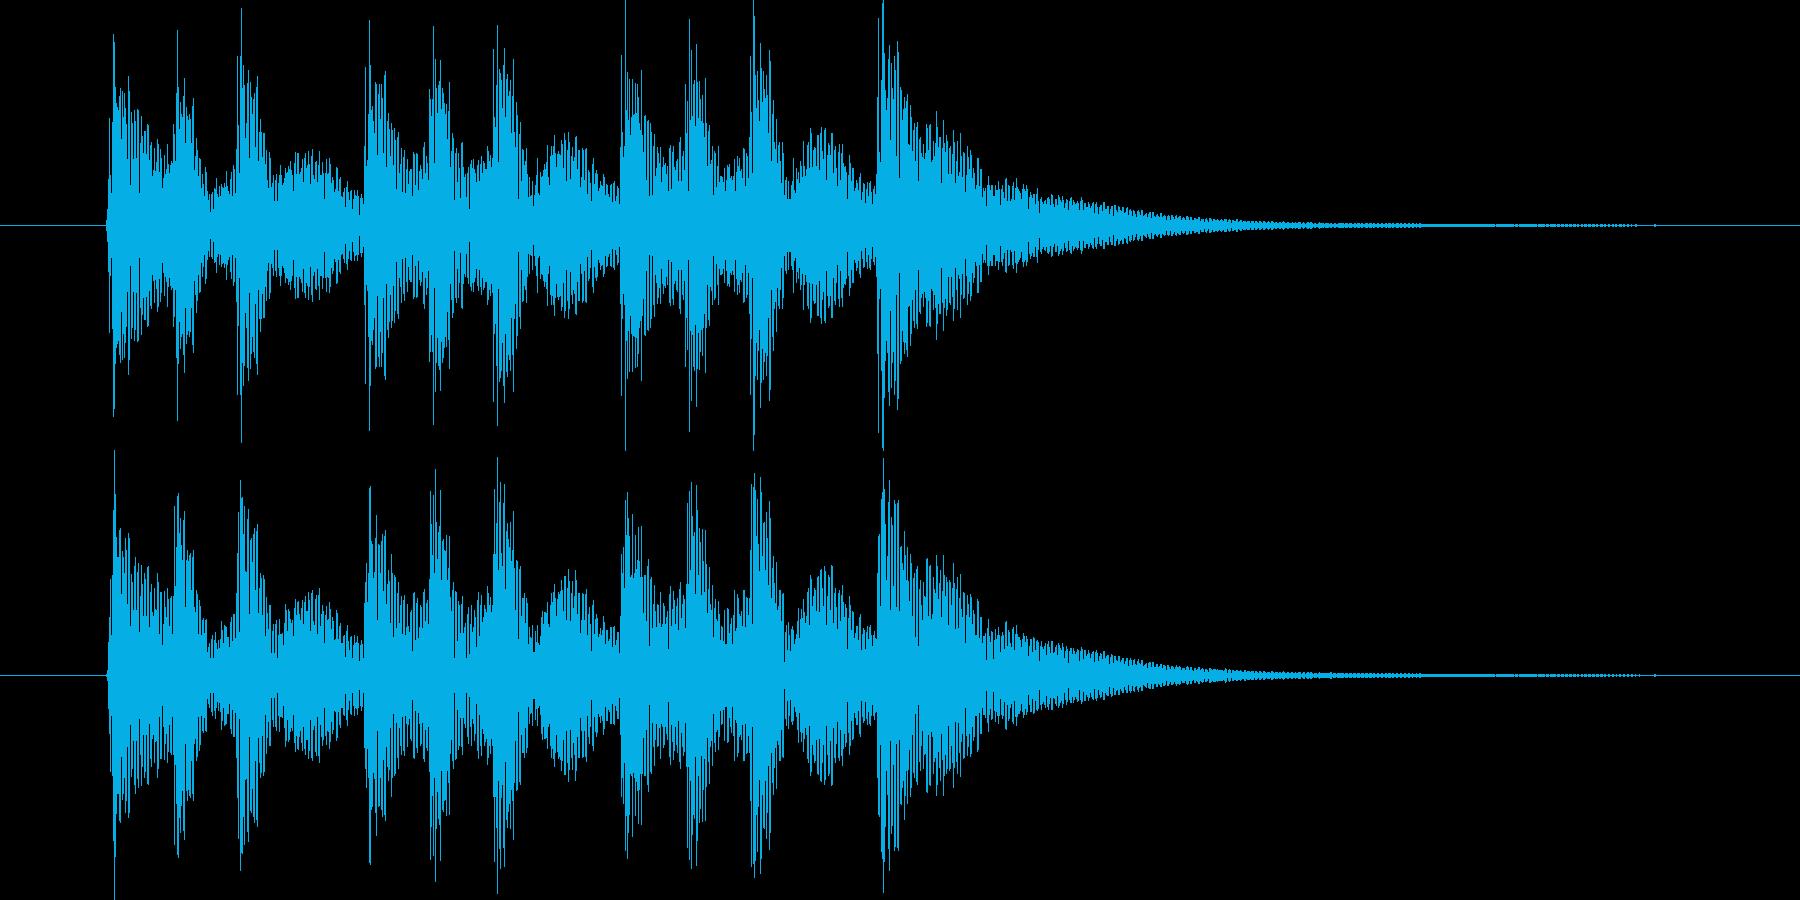 一本締め(手拍子+太鼓)の再生済みの波形